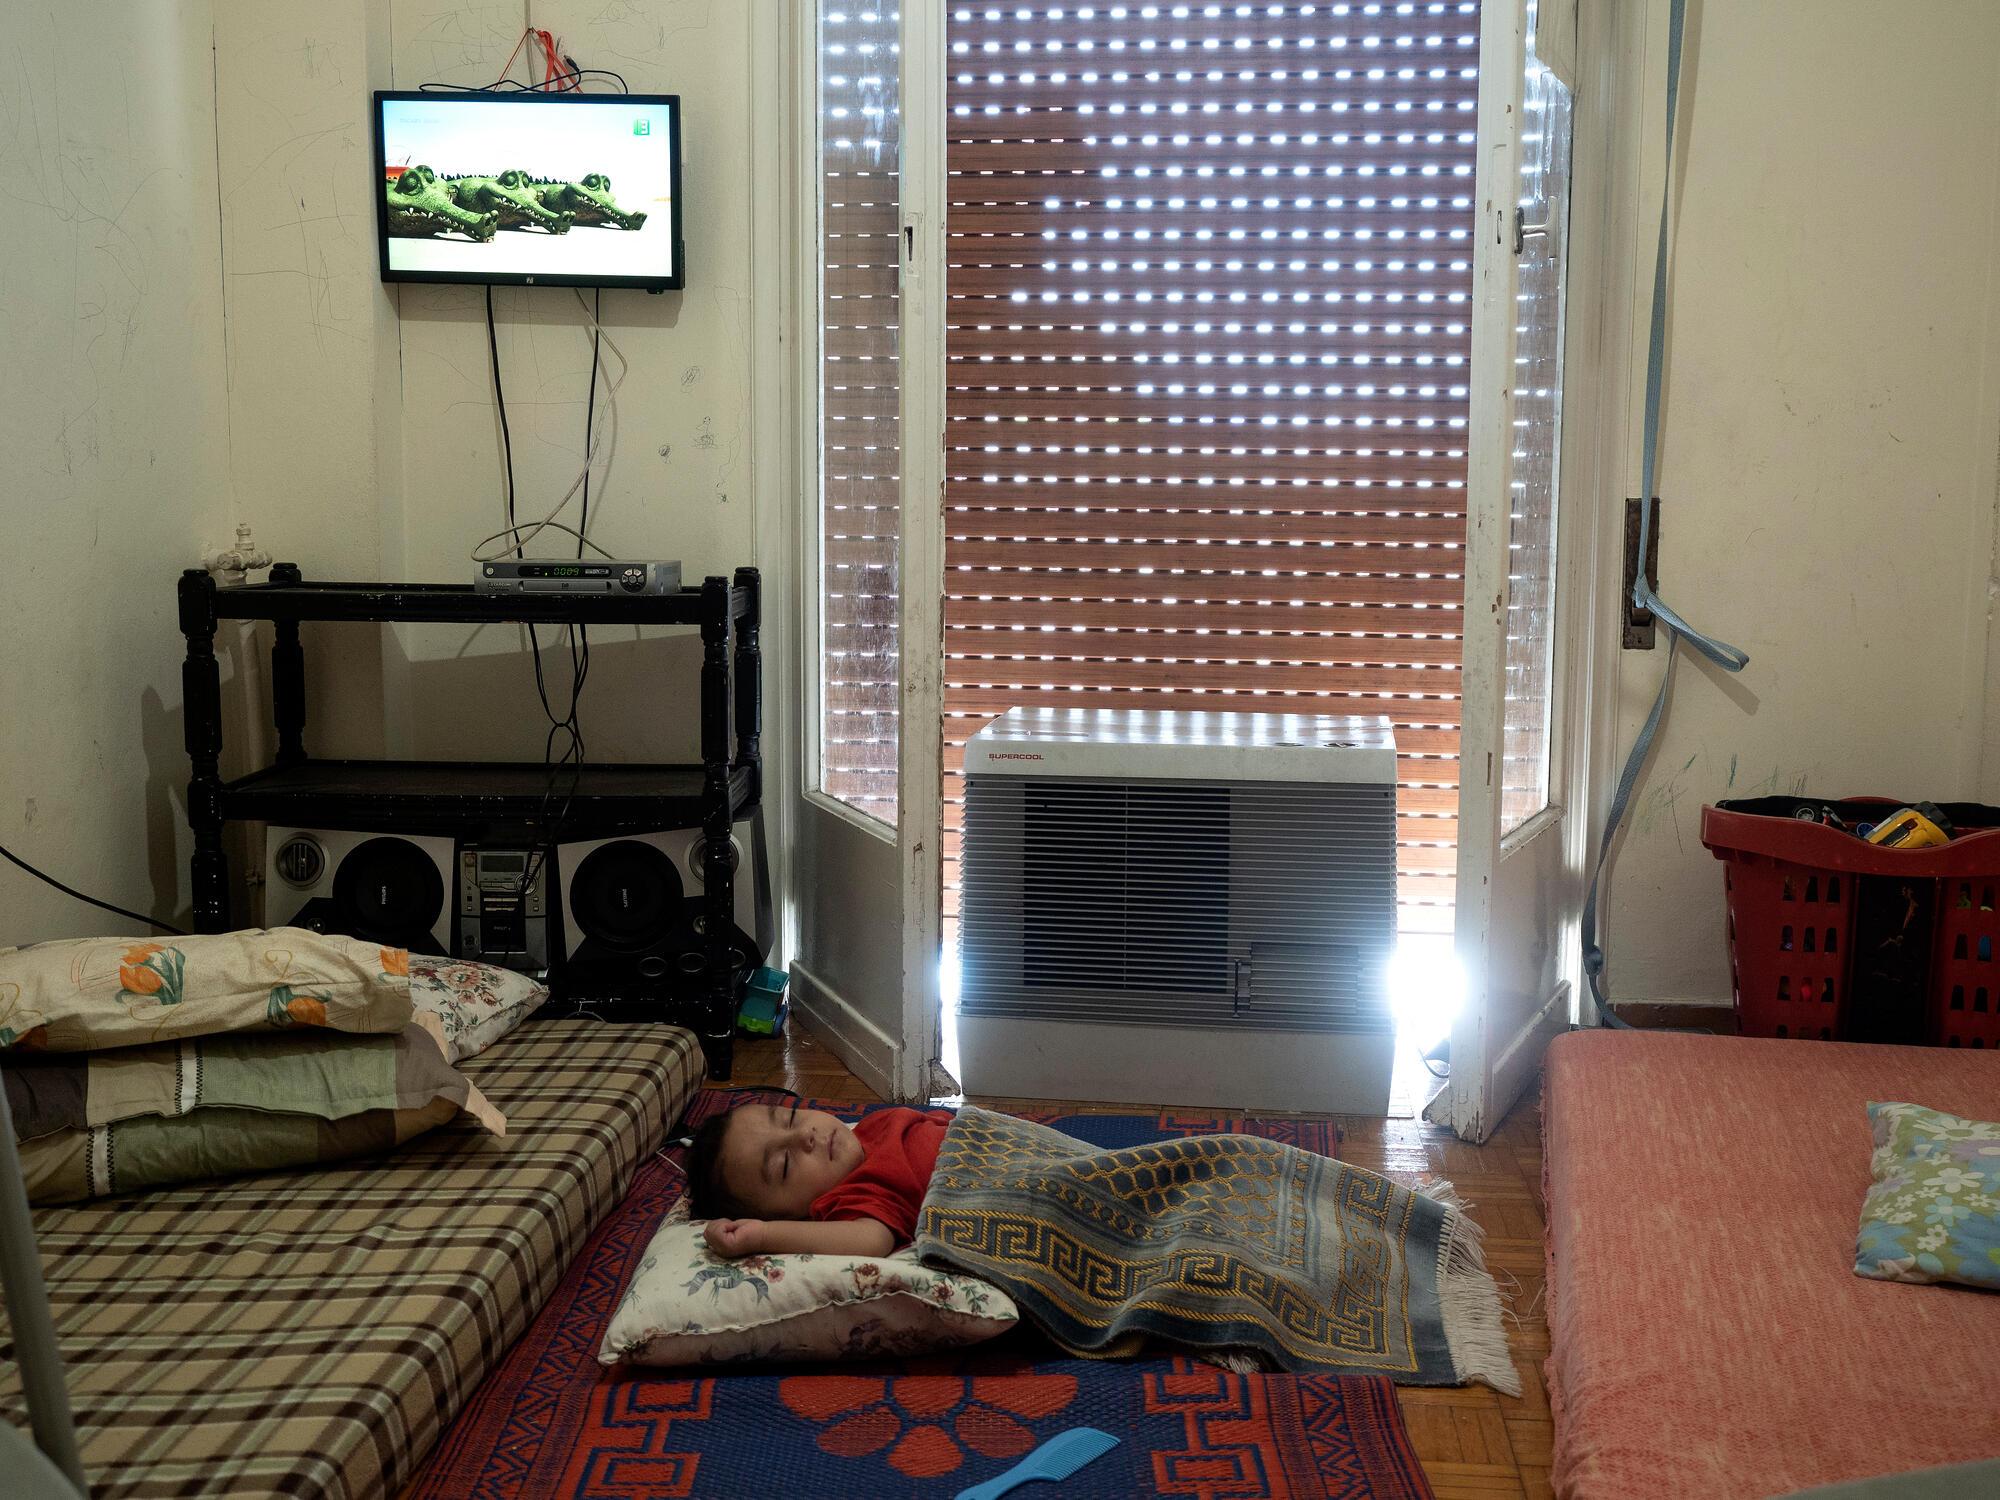 Portrait de l'un des fils d'Abdullah, un Syrien de Deir es-Zor suivi par MSF pour des troubles psychiatriques. La famille a été informée de leur prochaine expulsion et l'aide financière qu'ils recevaient a été interrompue. Athènes, août 2020. Crédit : Enri CANAJ/MAGNUM Photos